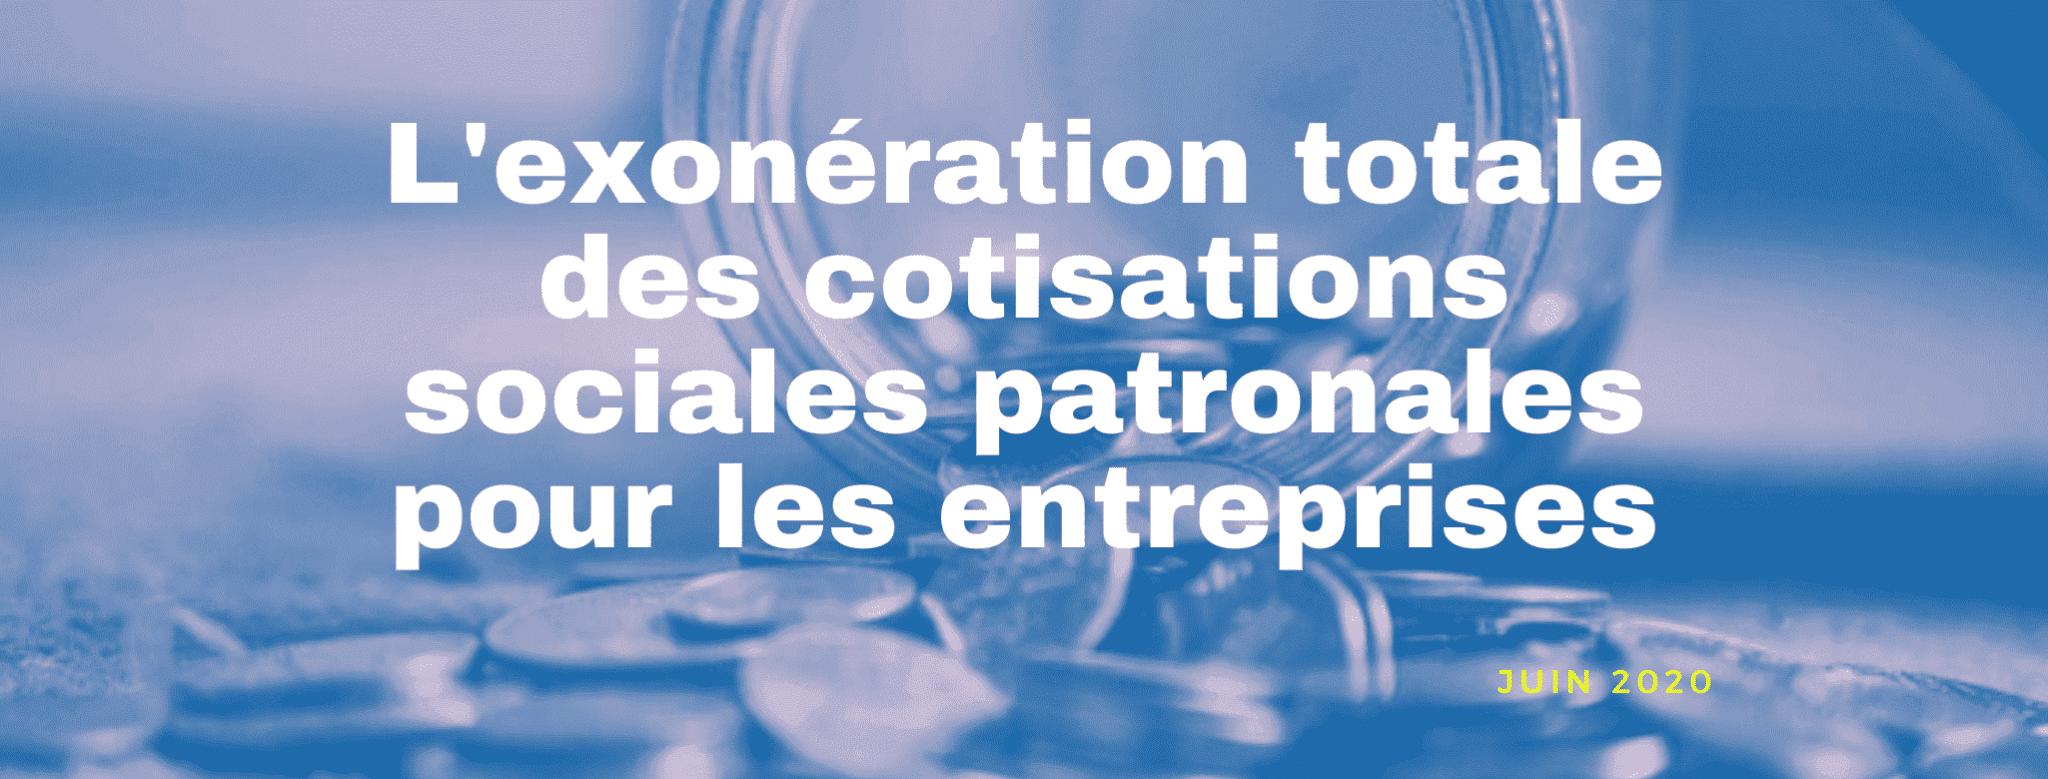 L'exonération des cotisations sociales patronales pour les entreprises – Juin 2020